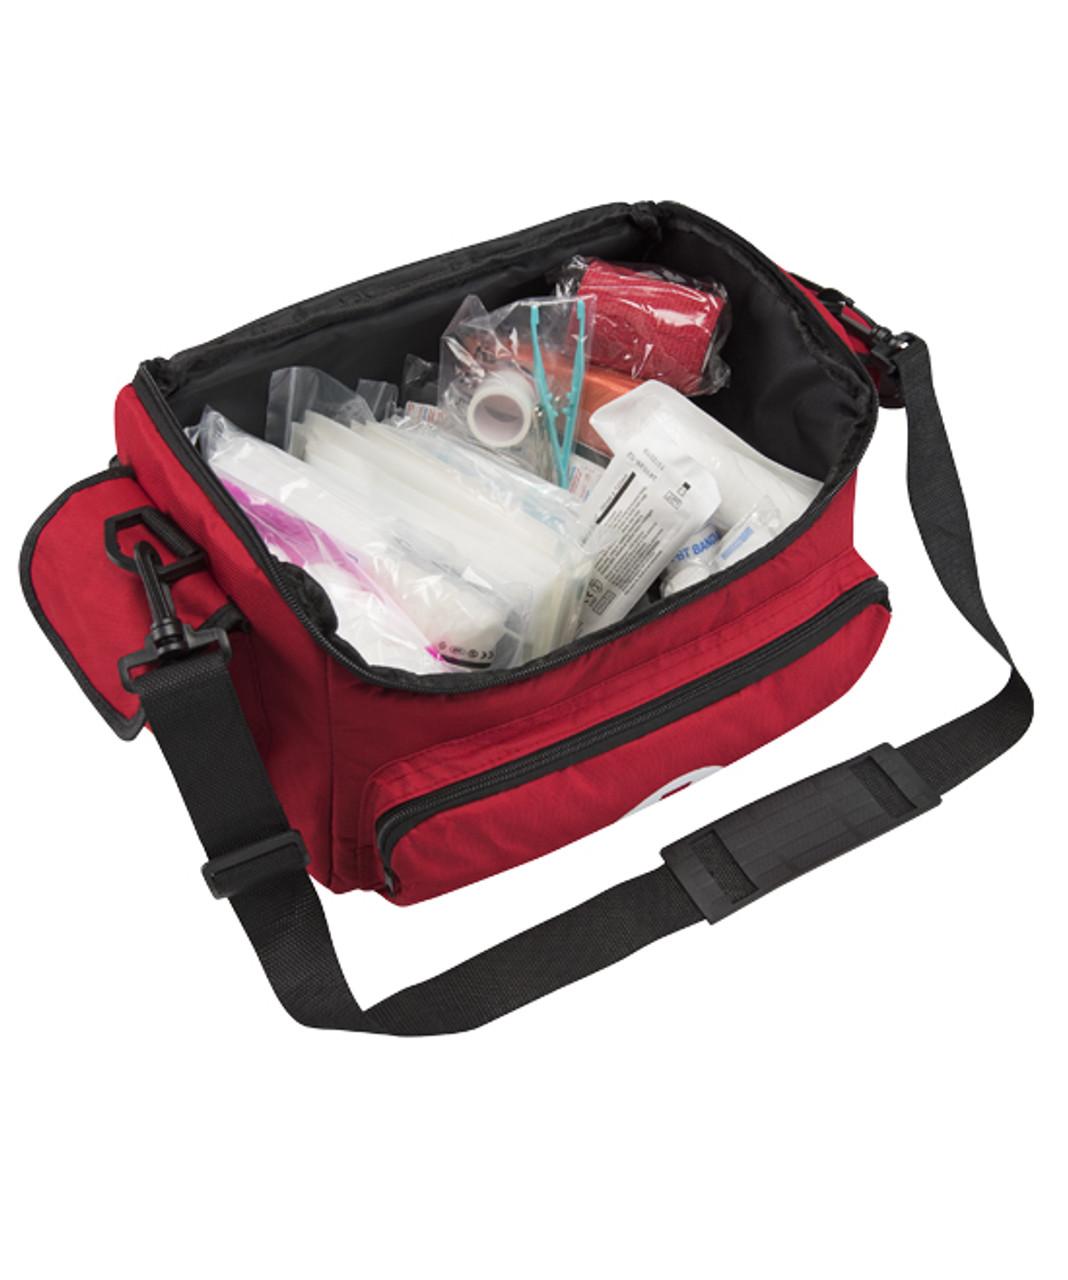 Xara First Aid Kit